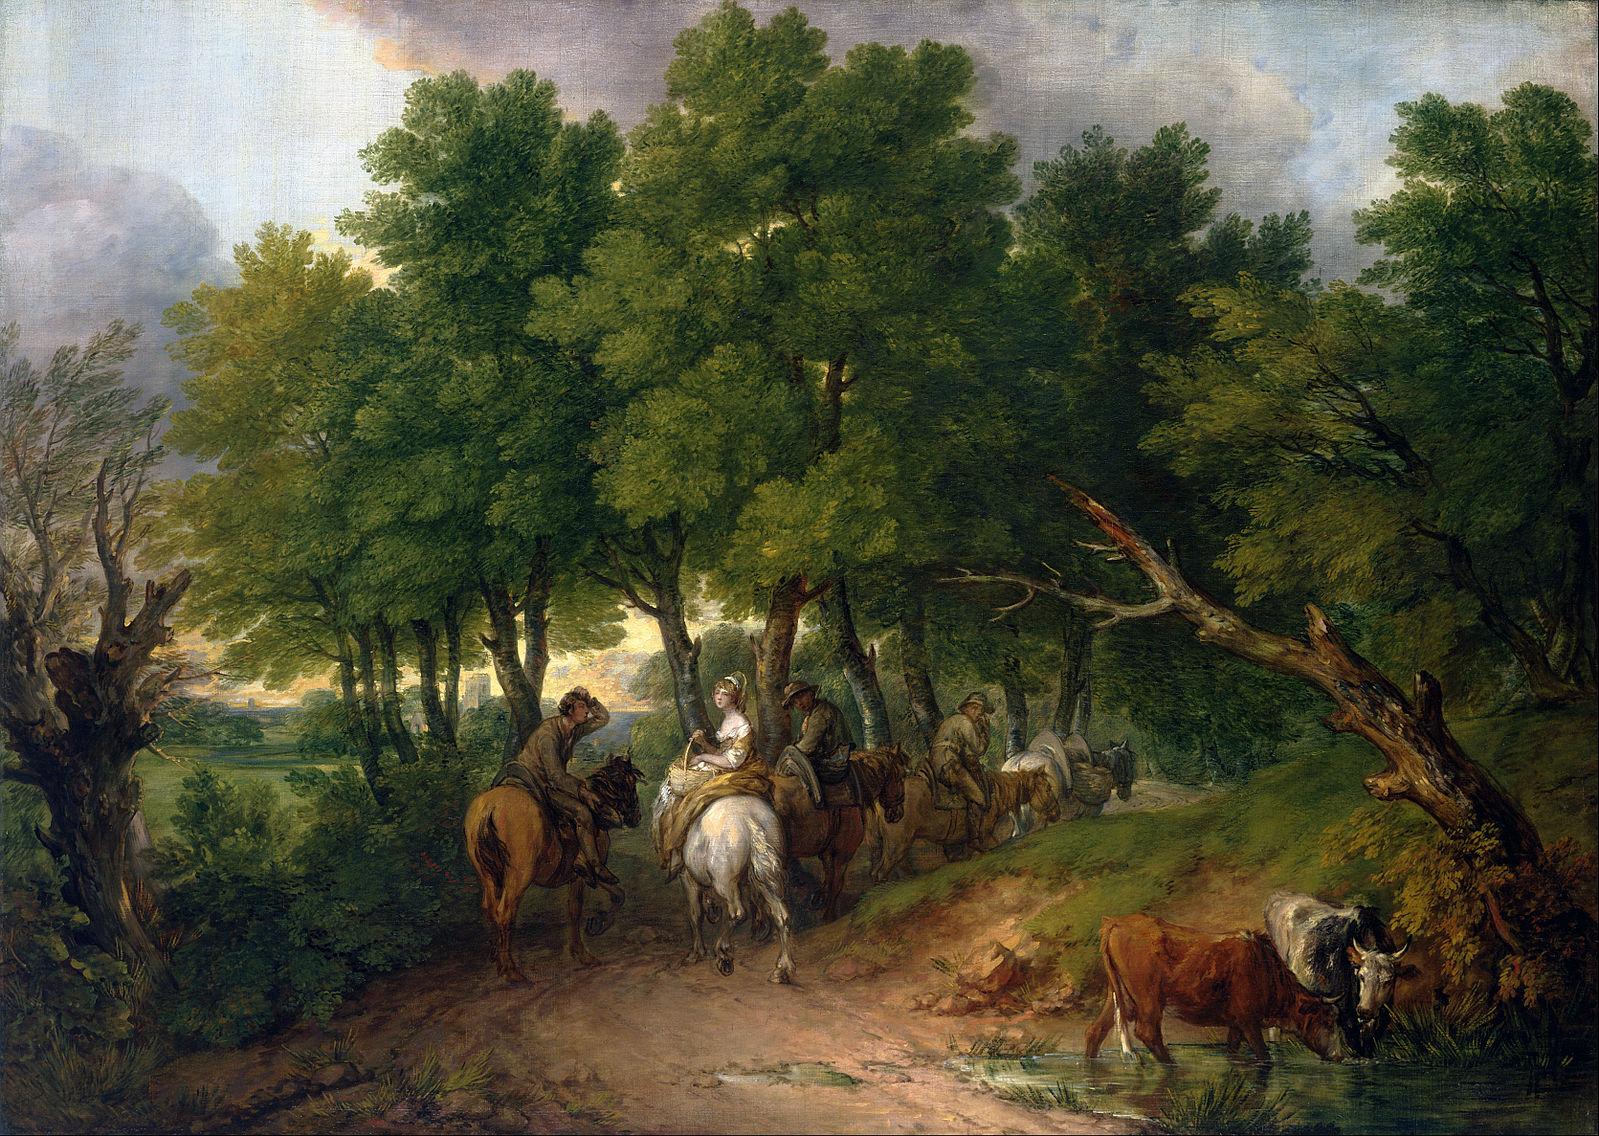 Thomas Gainsborough: Road to Market